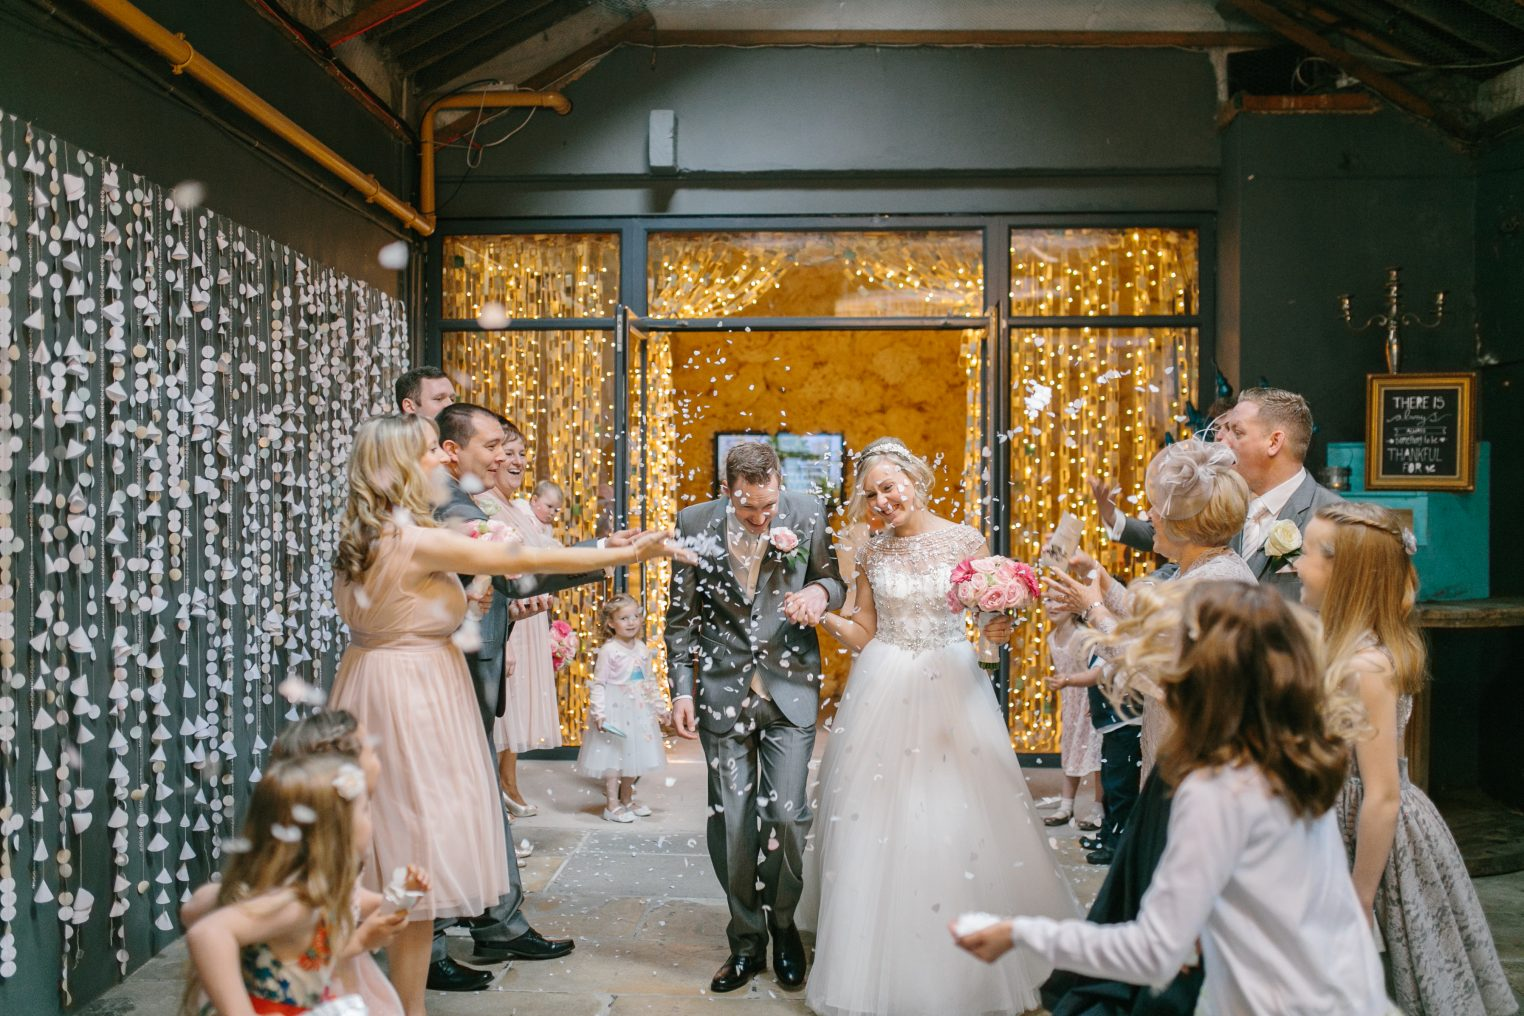 1-4 Weddings